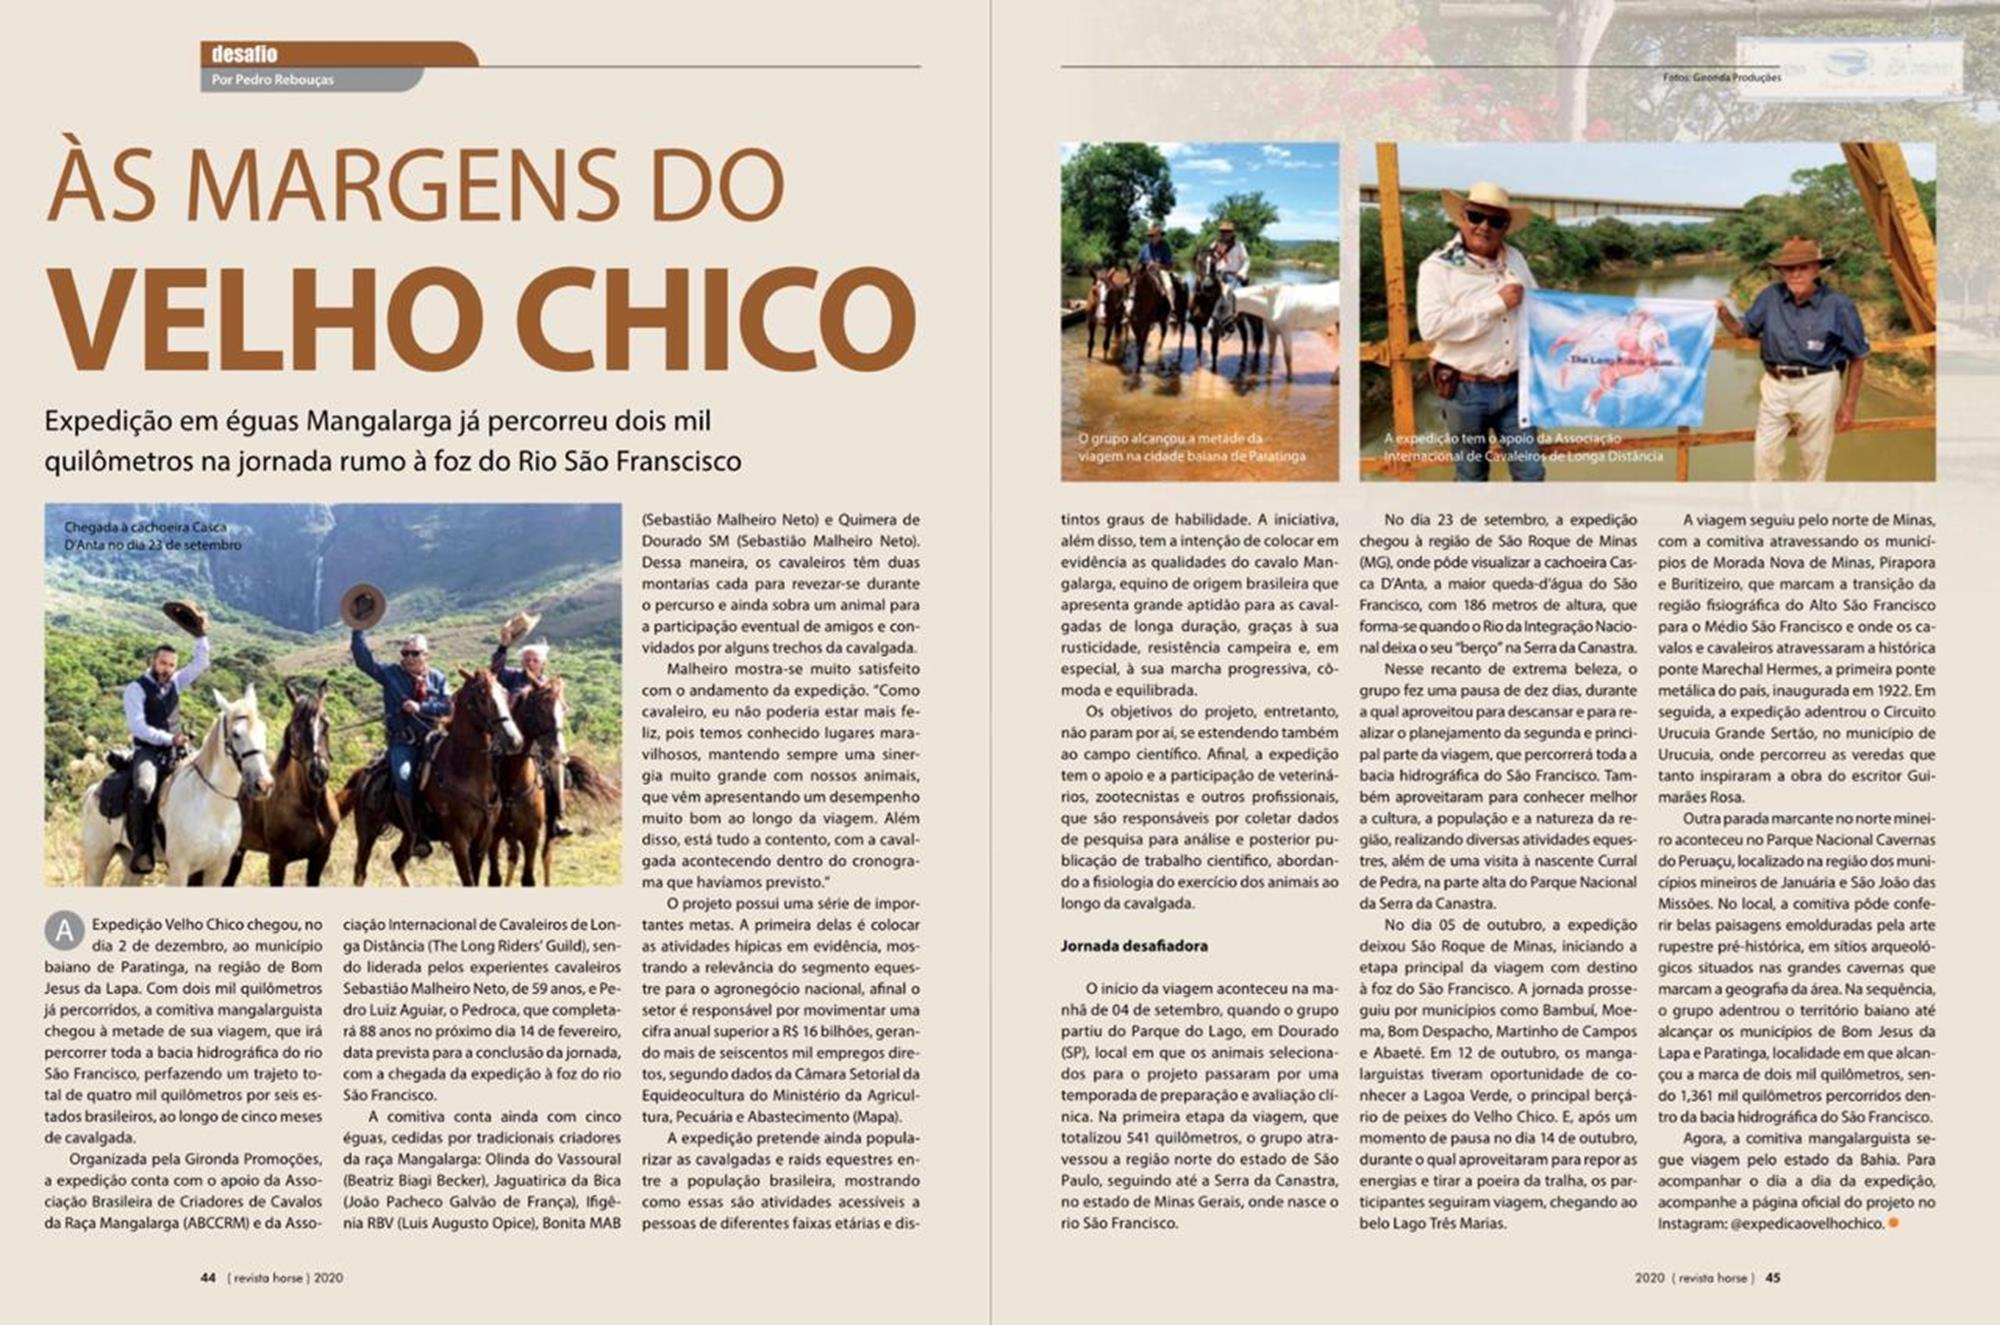 artigos site, edição 128, cavalgada, Velho Chico, expedição, Reprodução